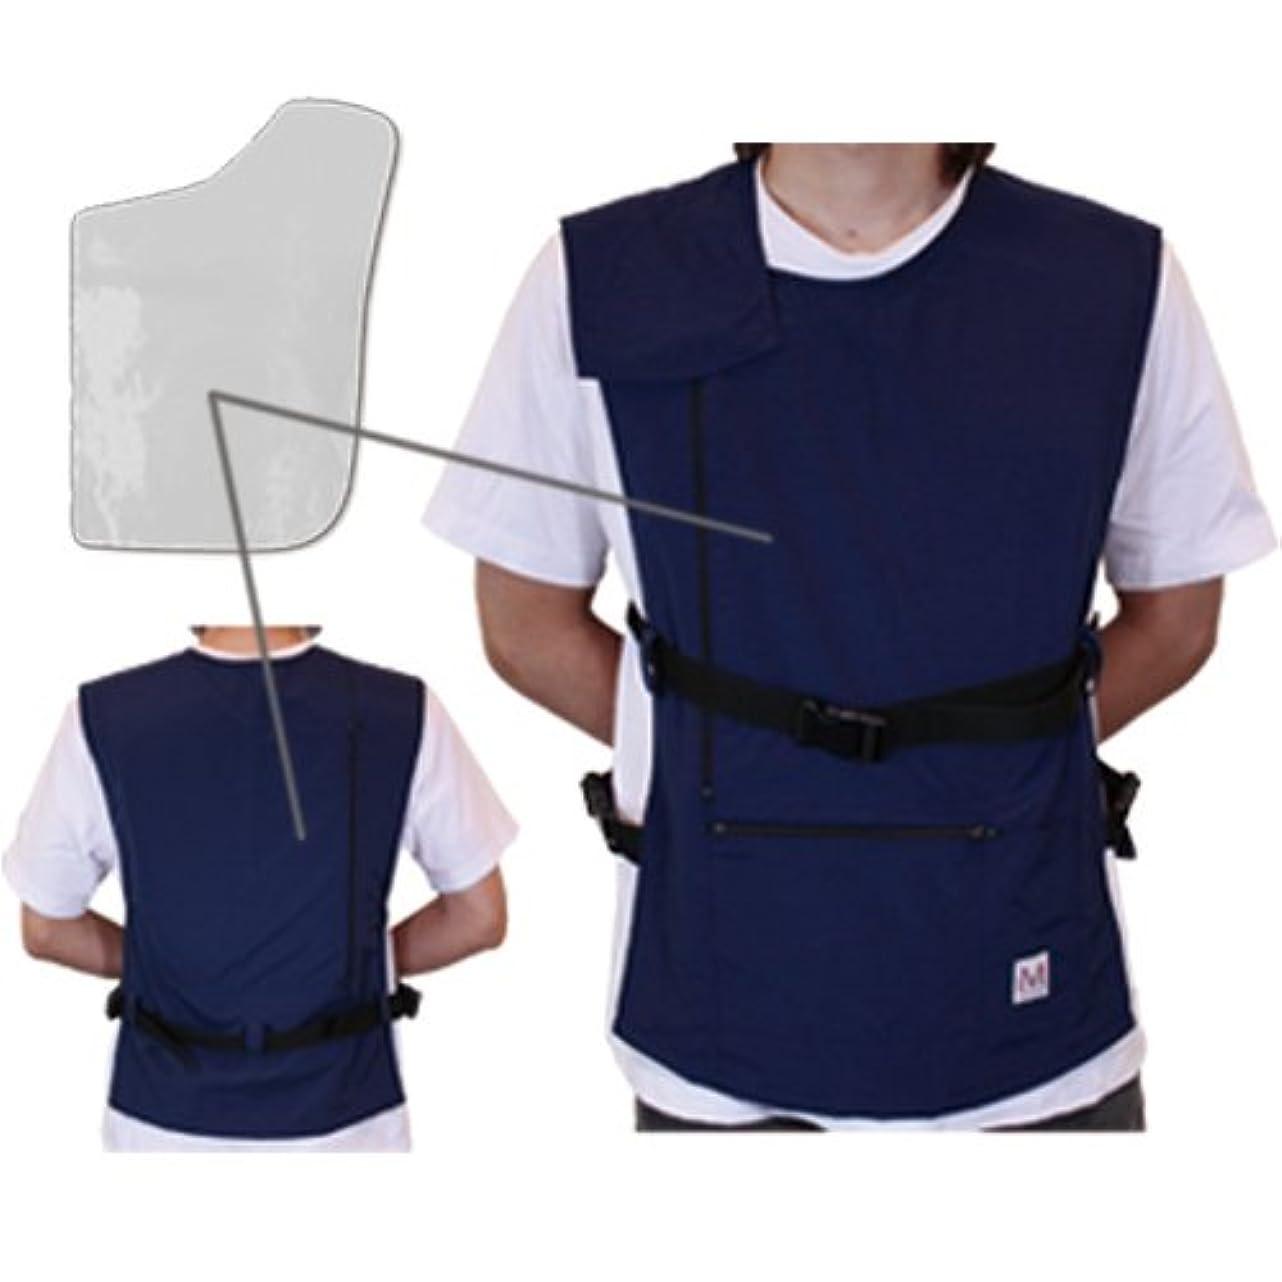 クローン暴行伝導率ペースメーカ?ICD電磁波防護服「MGワークベスト左胸用(カーキー)2年間品質保証